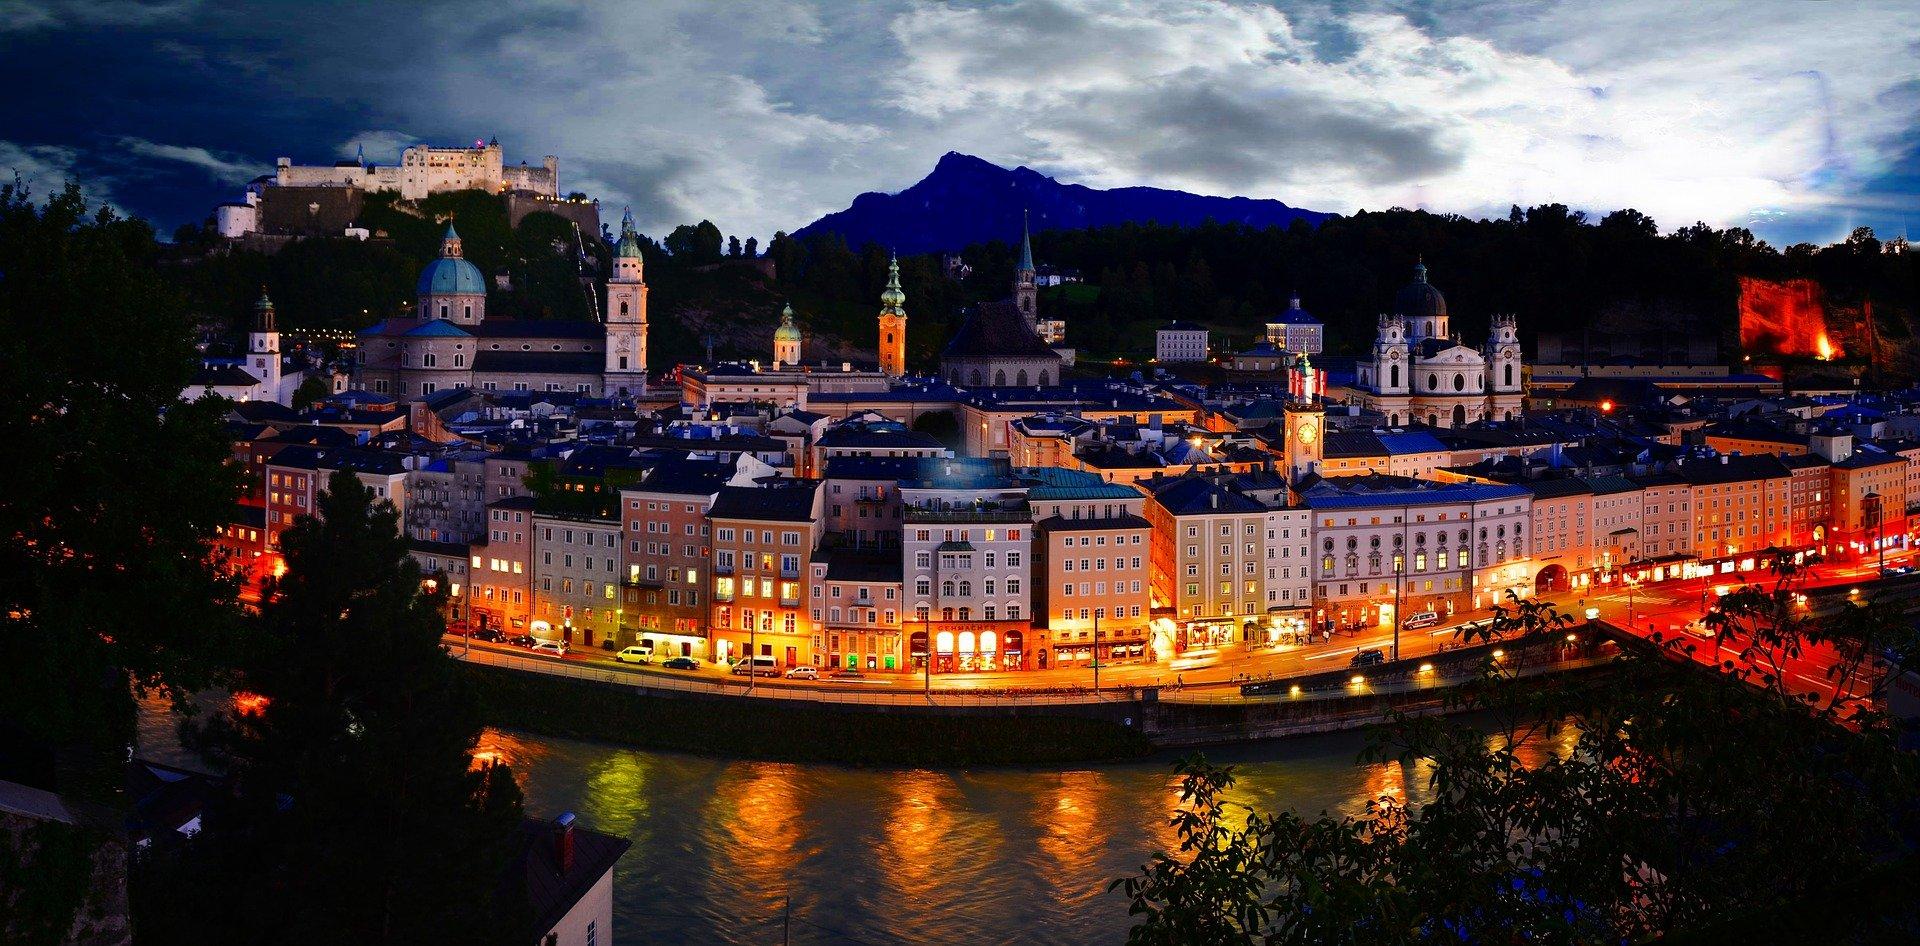 Qué lugares ver en Salzburgo 🎼